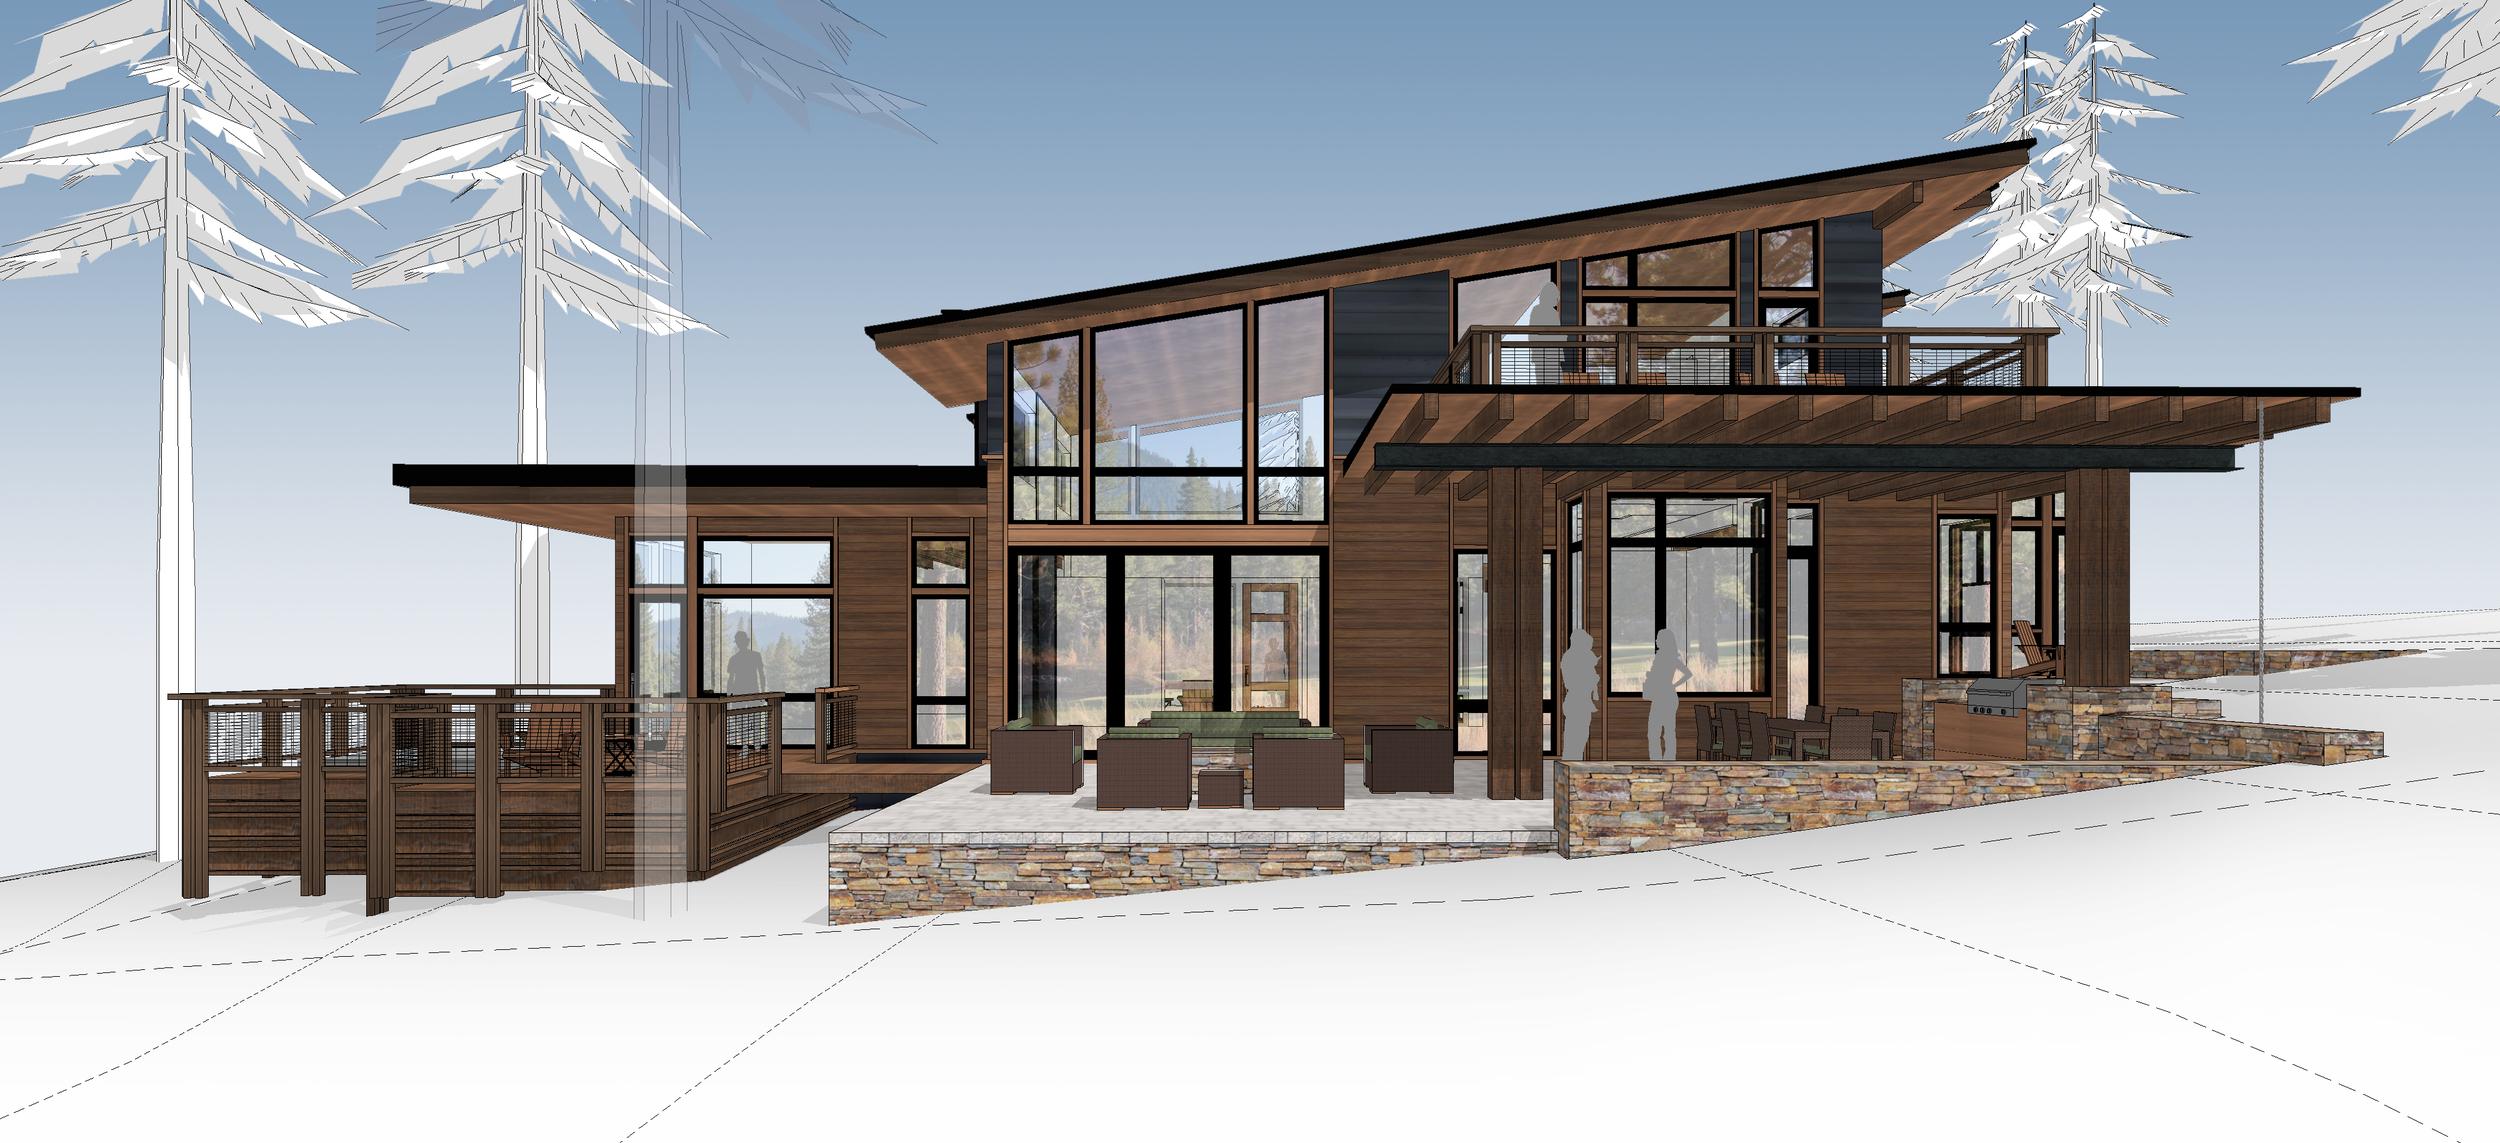 Contractor: Joe Lamperti   Square Footage: 4,370 sf bedrooms: 5 bathrooms: 5.5